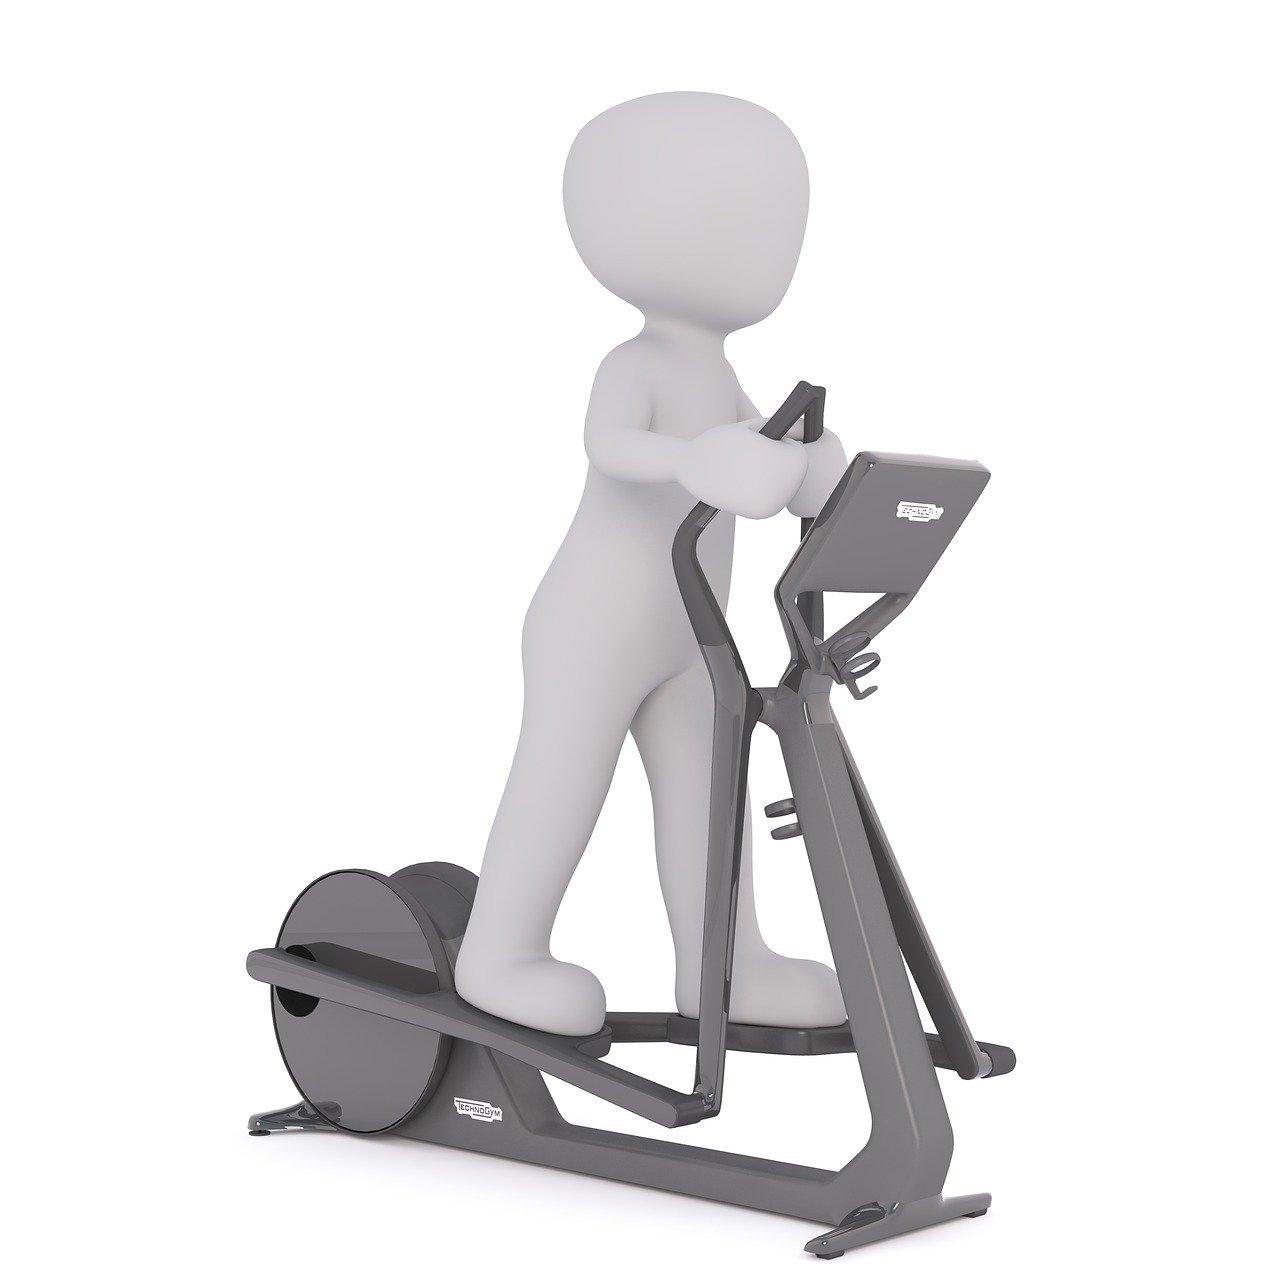 Gewichtsreduzierung mit dem Ergometer